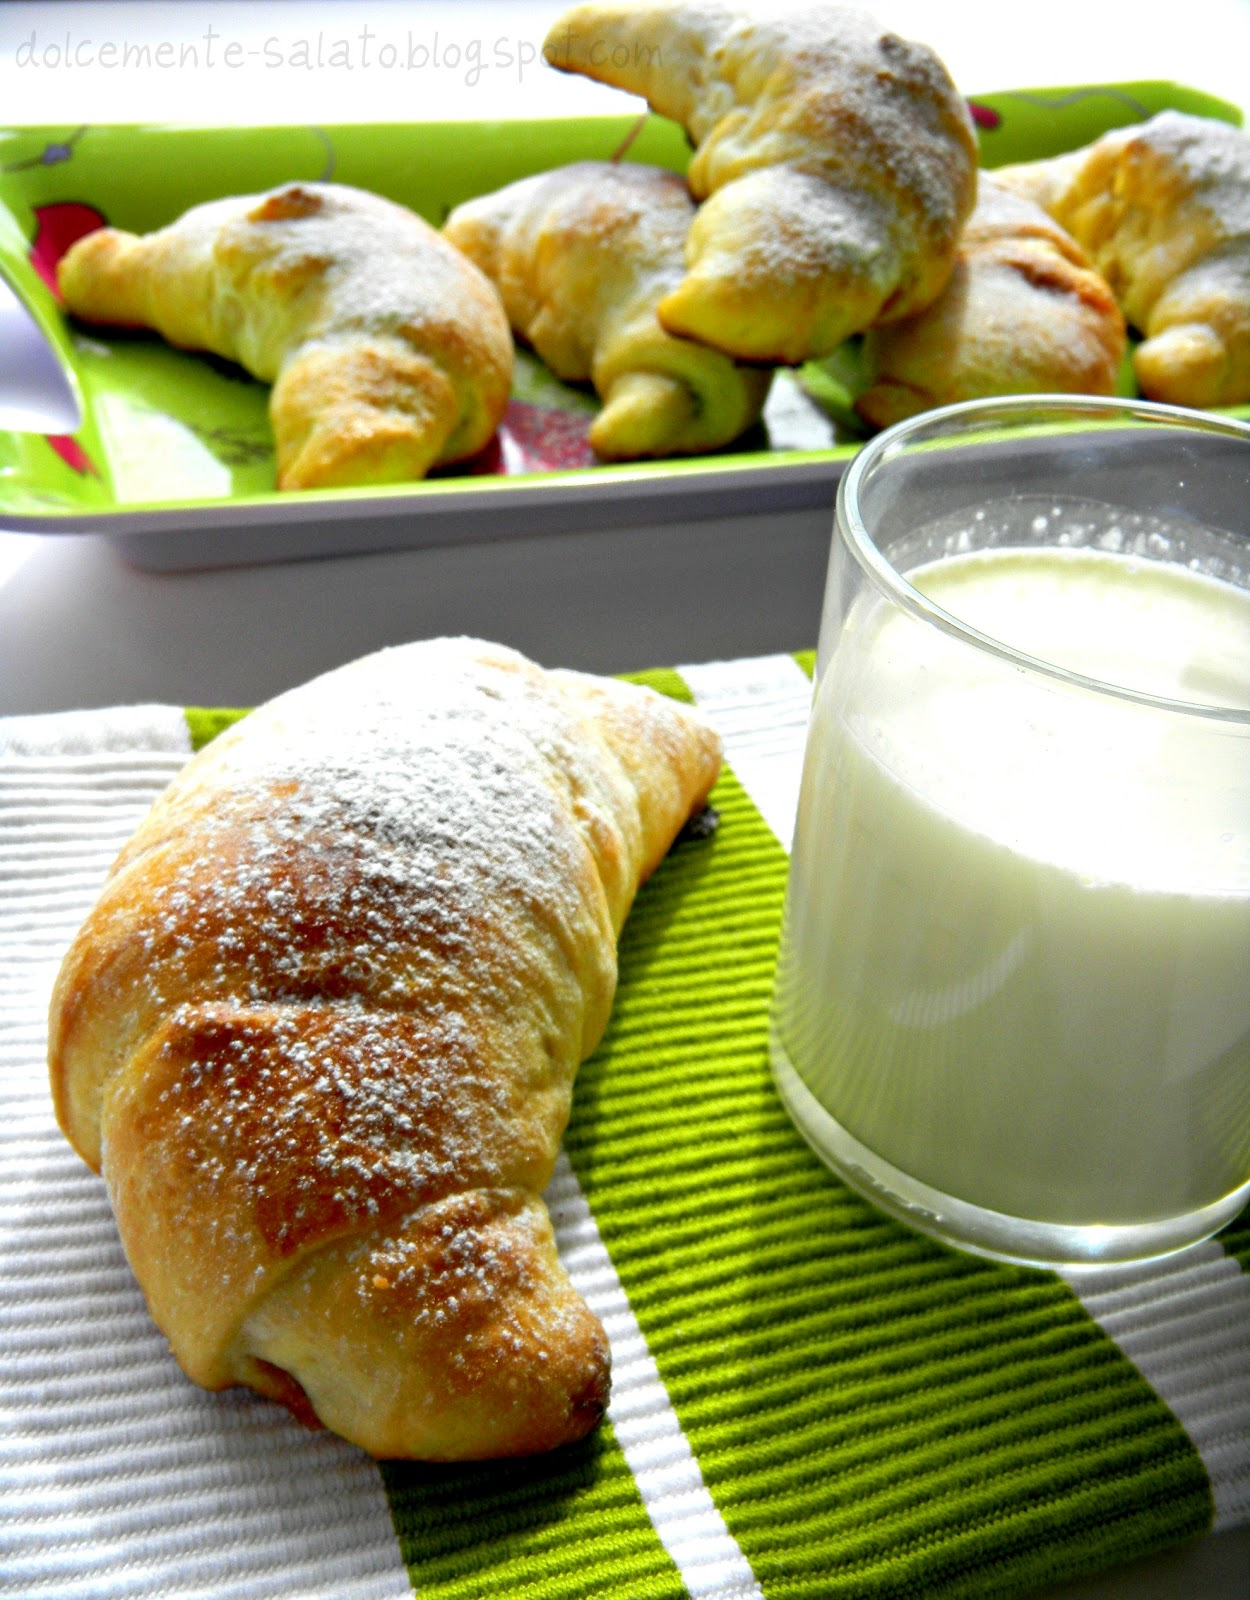 Dolcemente Salato Cornetti Di Pan Brioche Che Restano Morbidi A Lungo